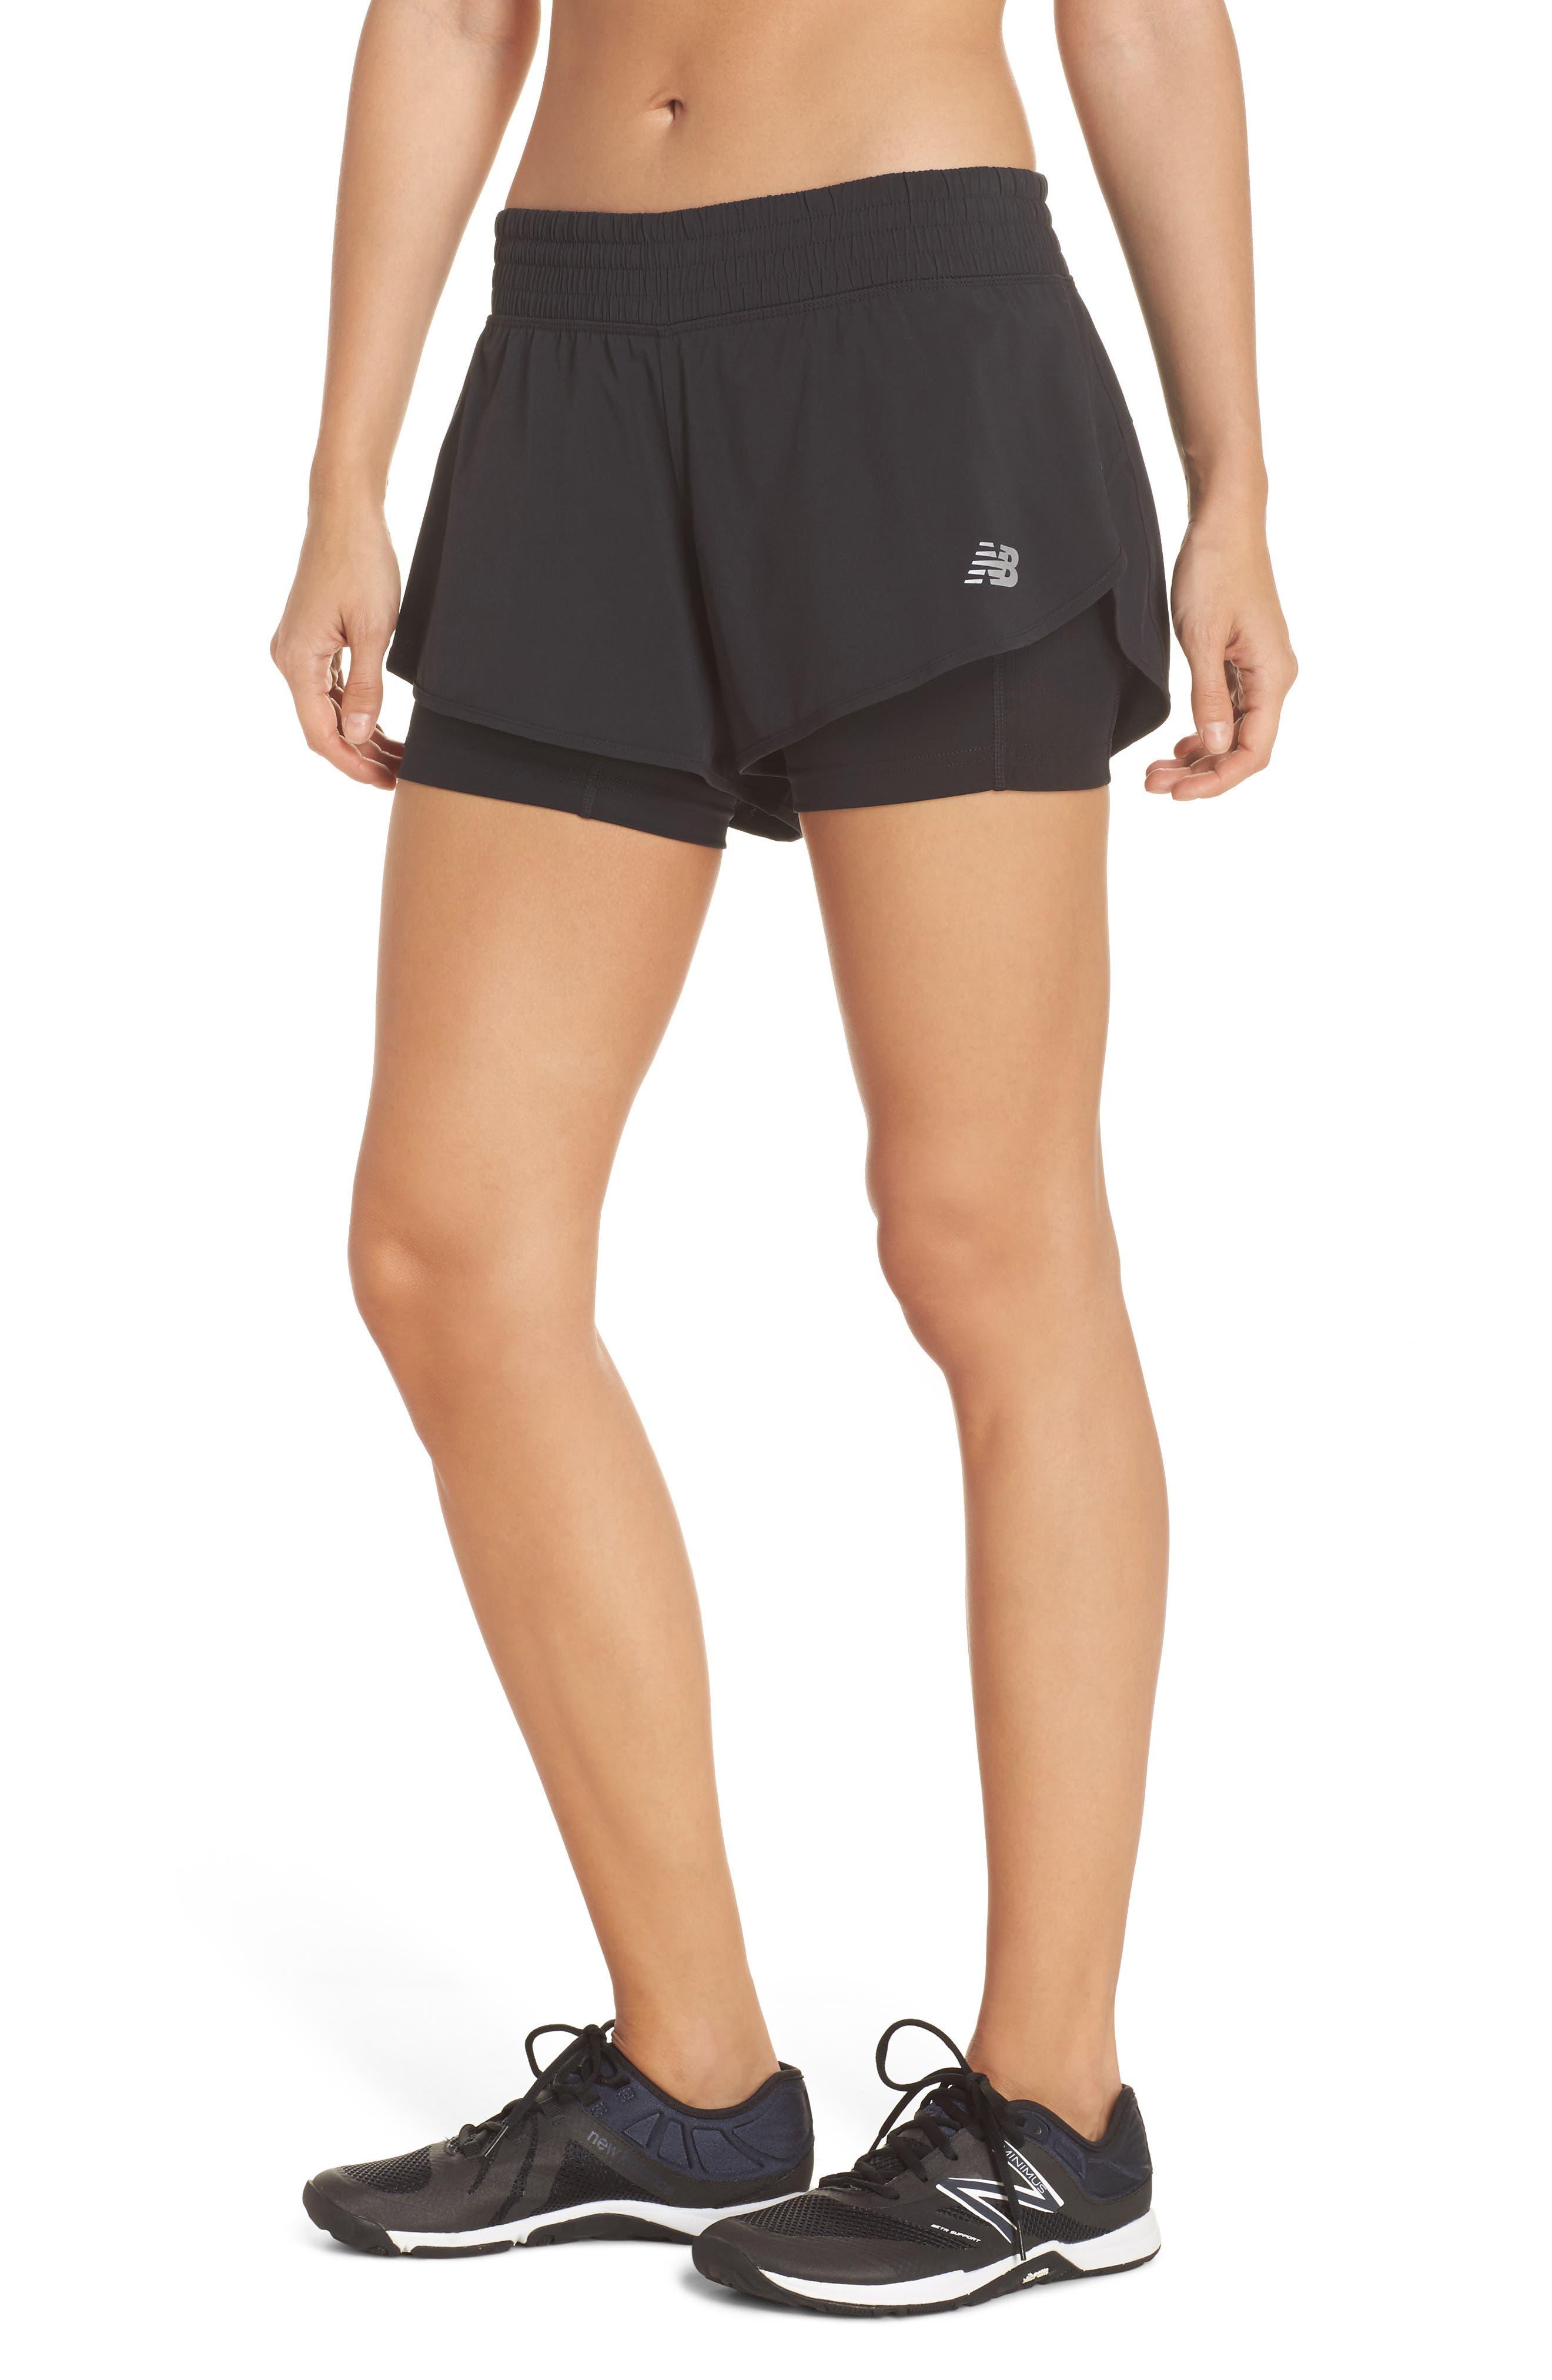 Impact Layered Running Shorts,                             Main thumbnail 1, color,                             Black